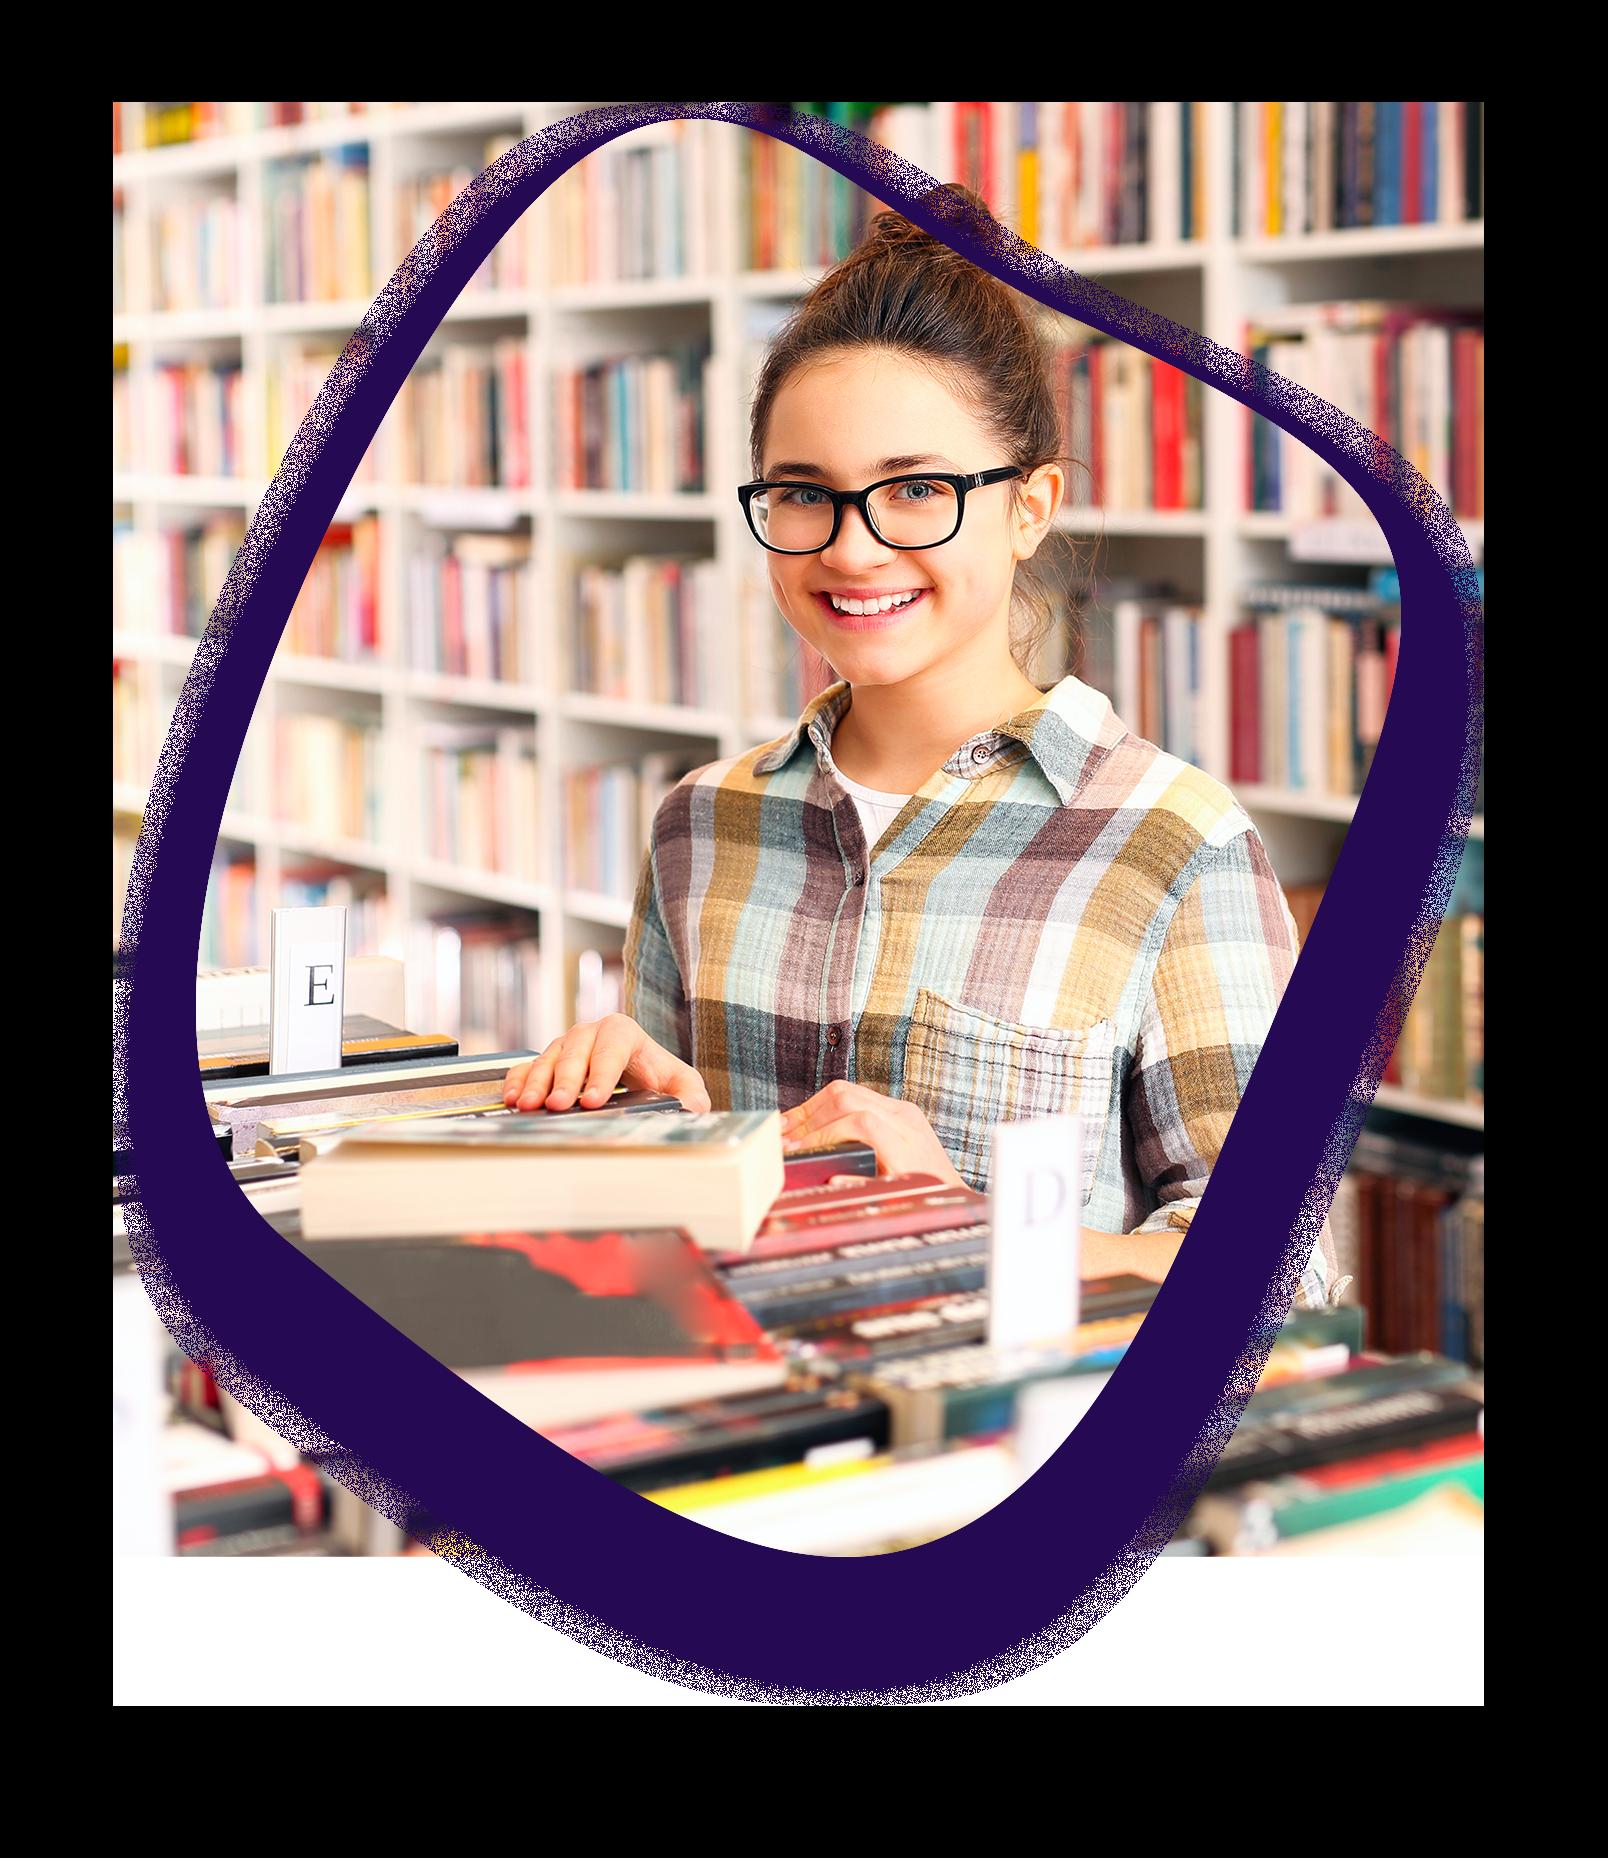 ici se trouve une photo d'une jeune fille dans une librairie qui sourit